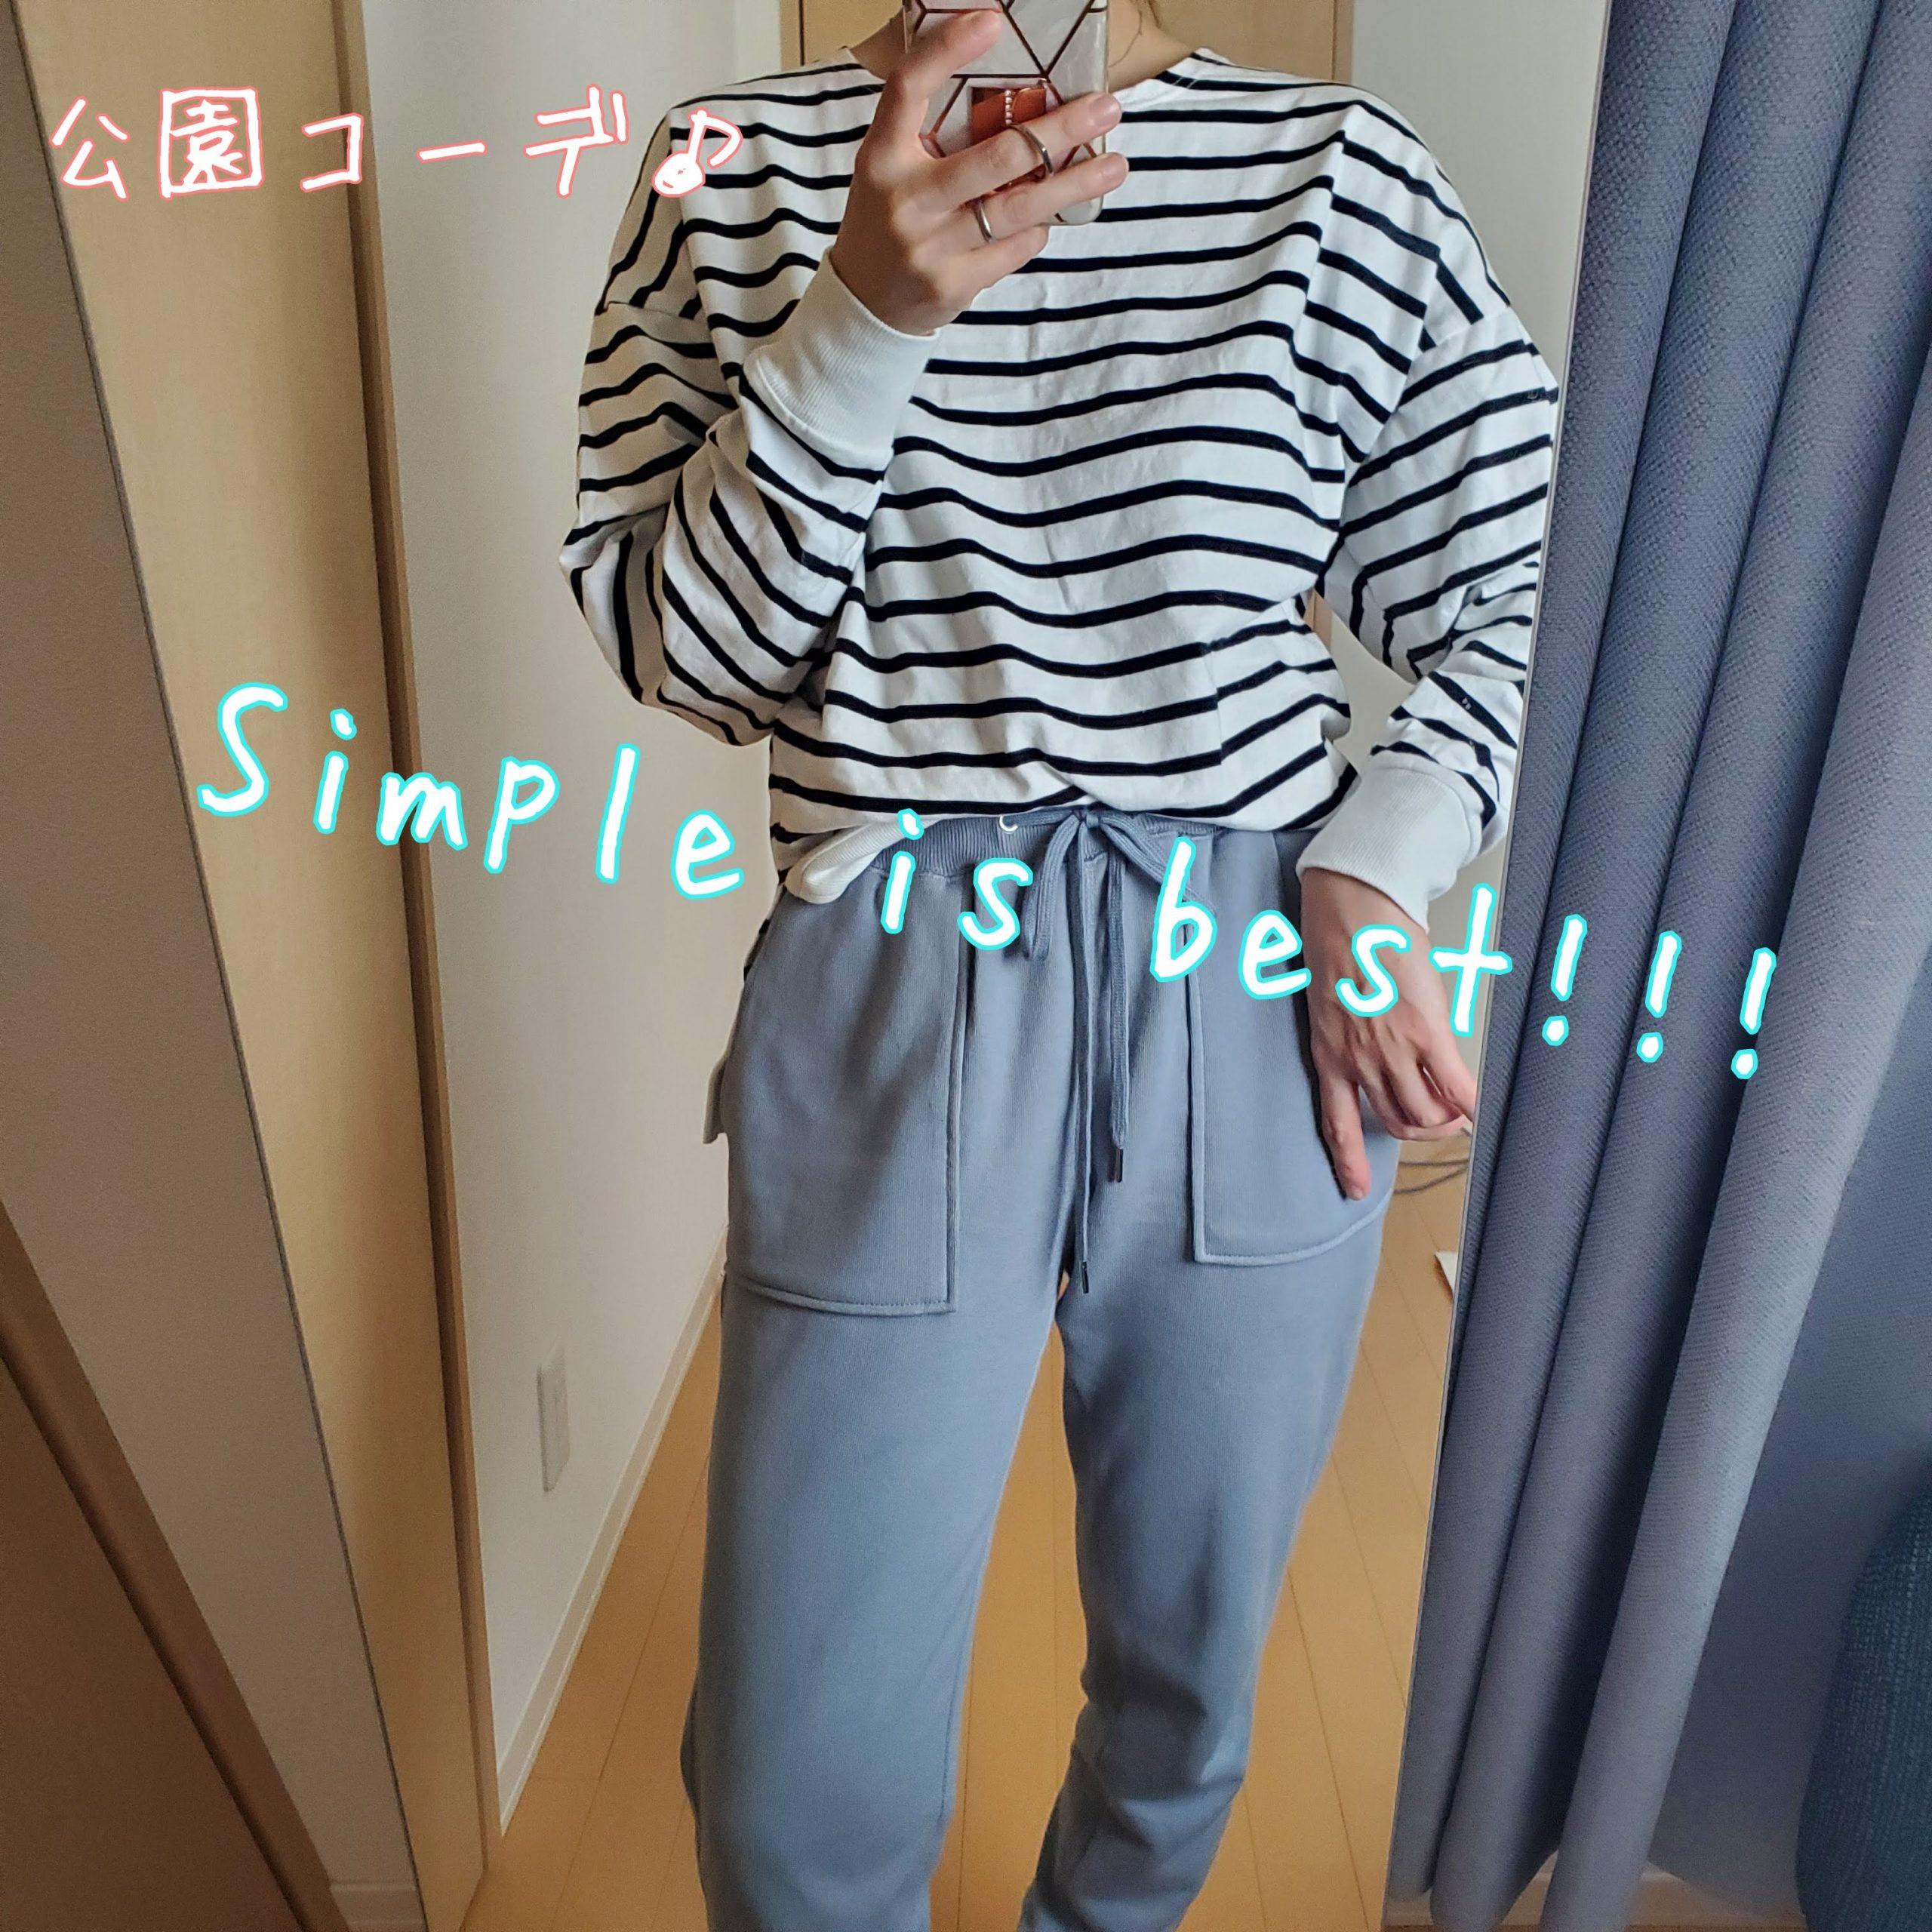 おすすめ神戸レタスのバッグ!!!